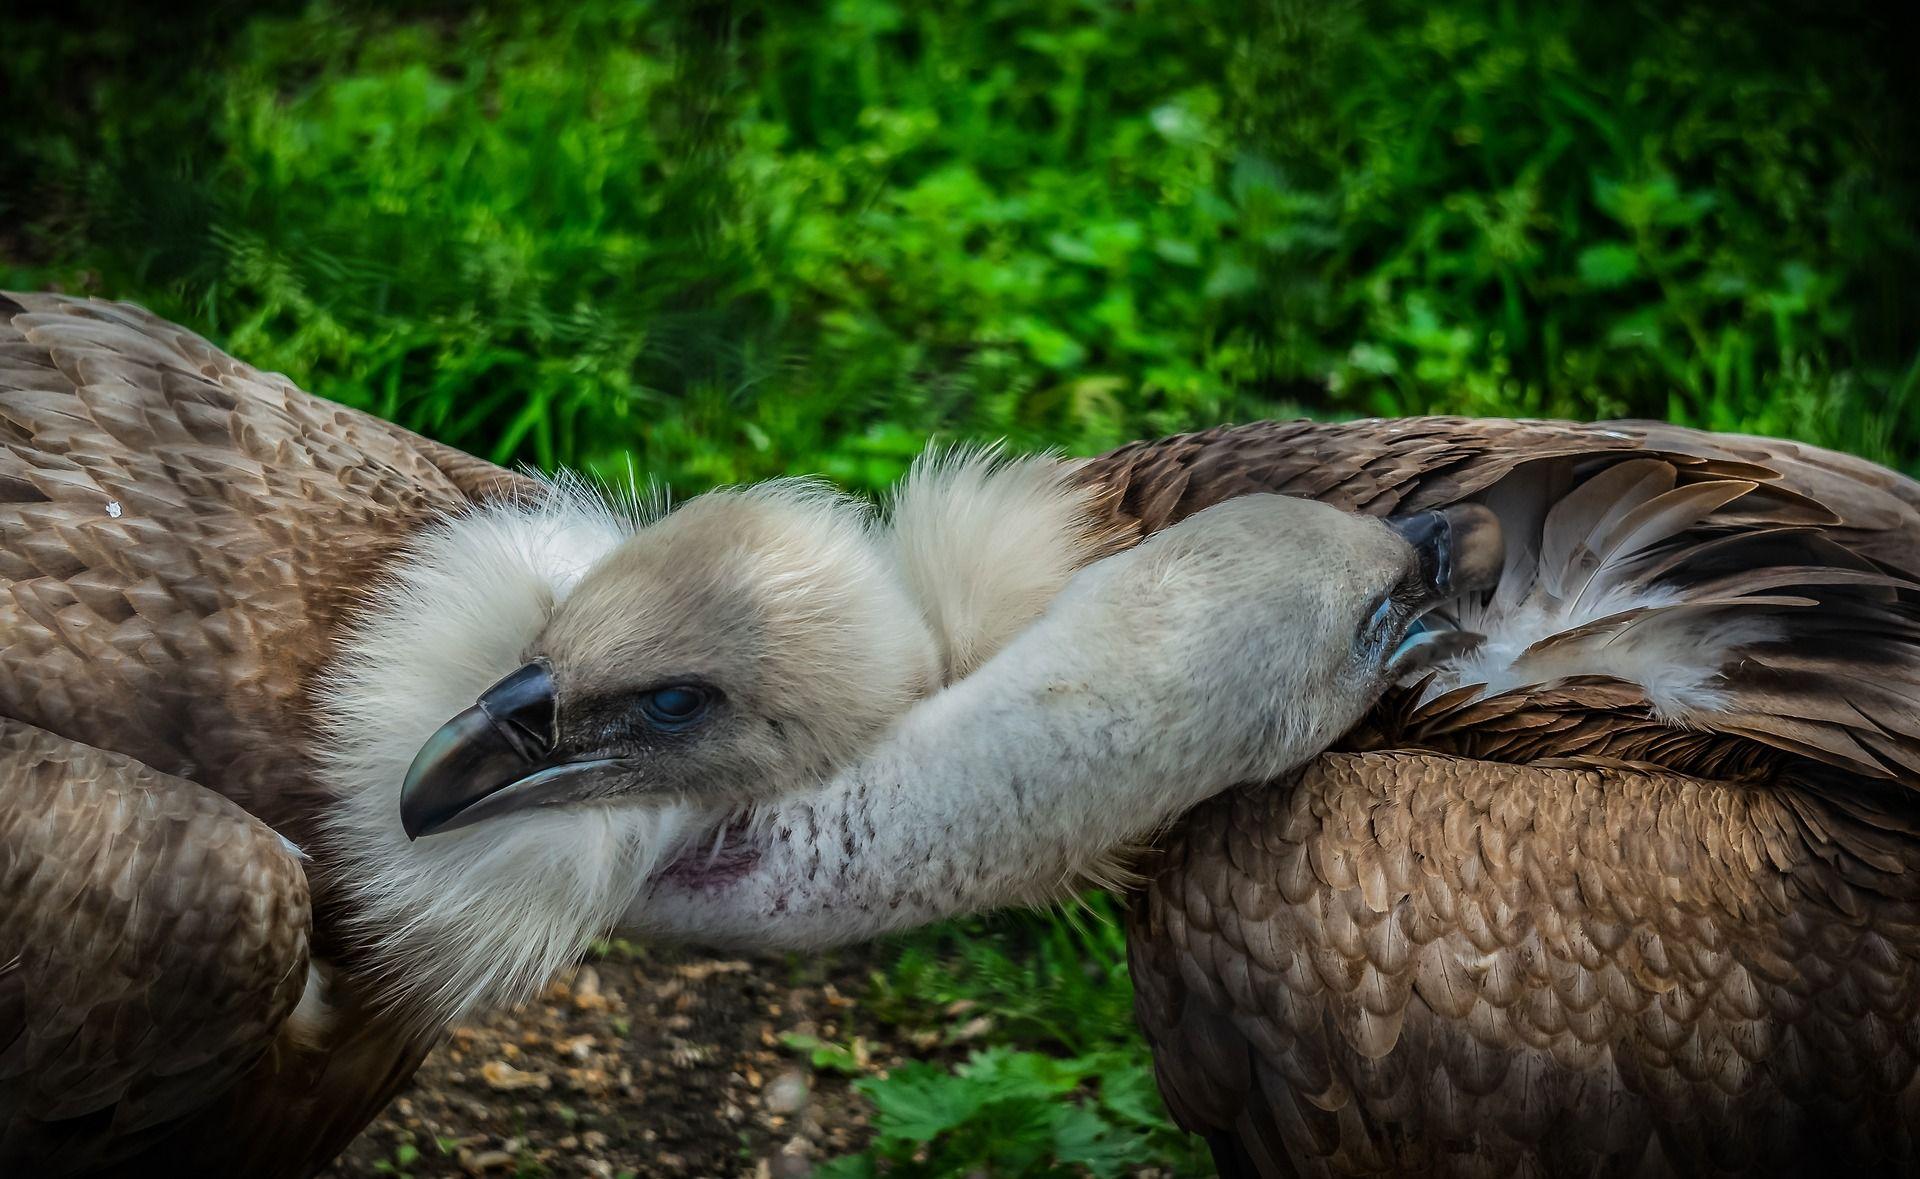 Скачать фото грифа – птицы